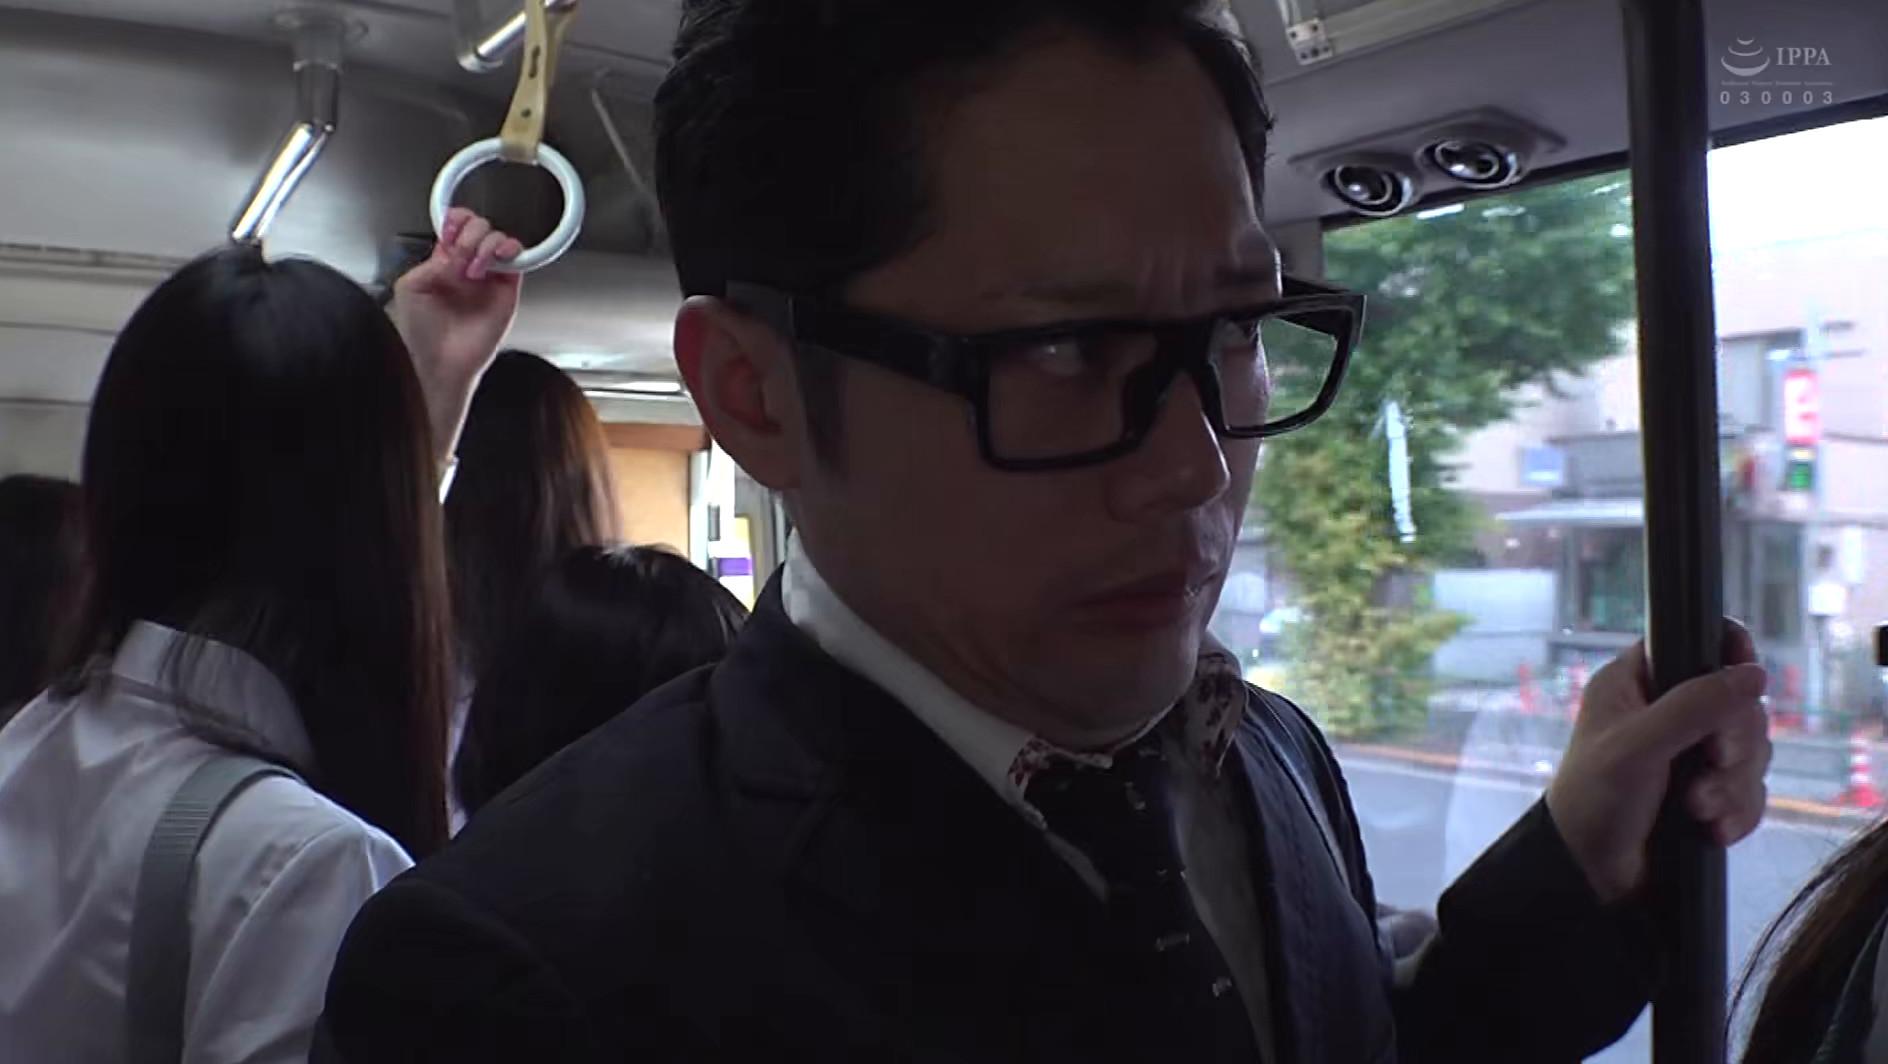 制服女子ぎゅうぎゅう痴漢バス 画像1